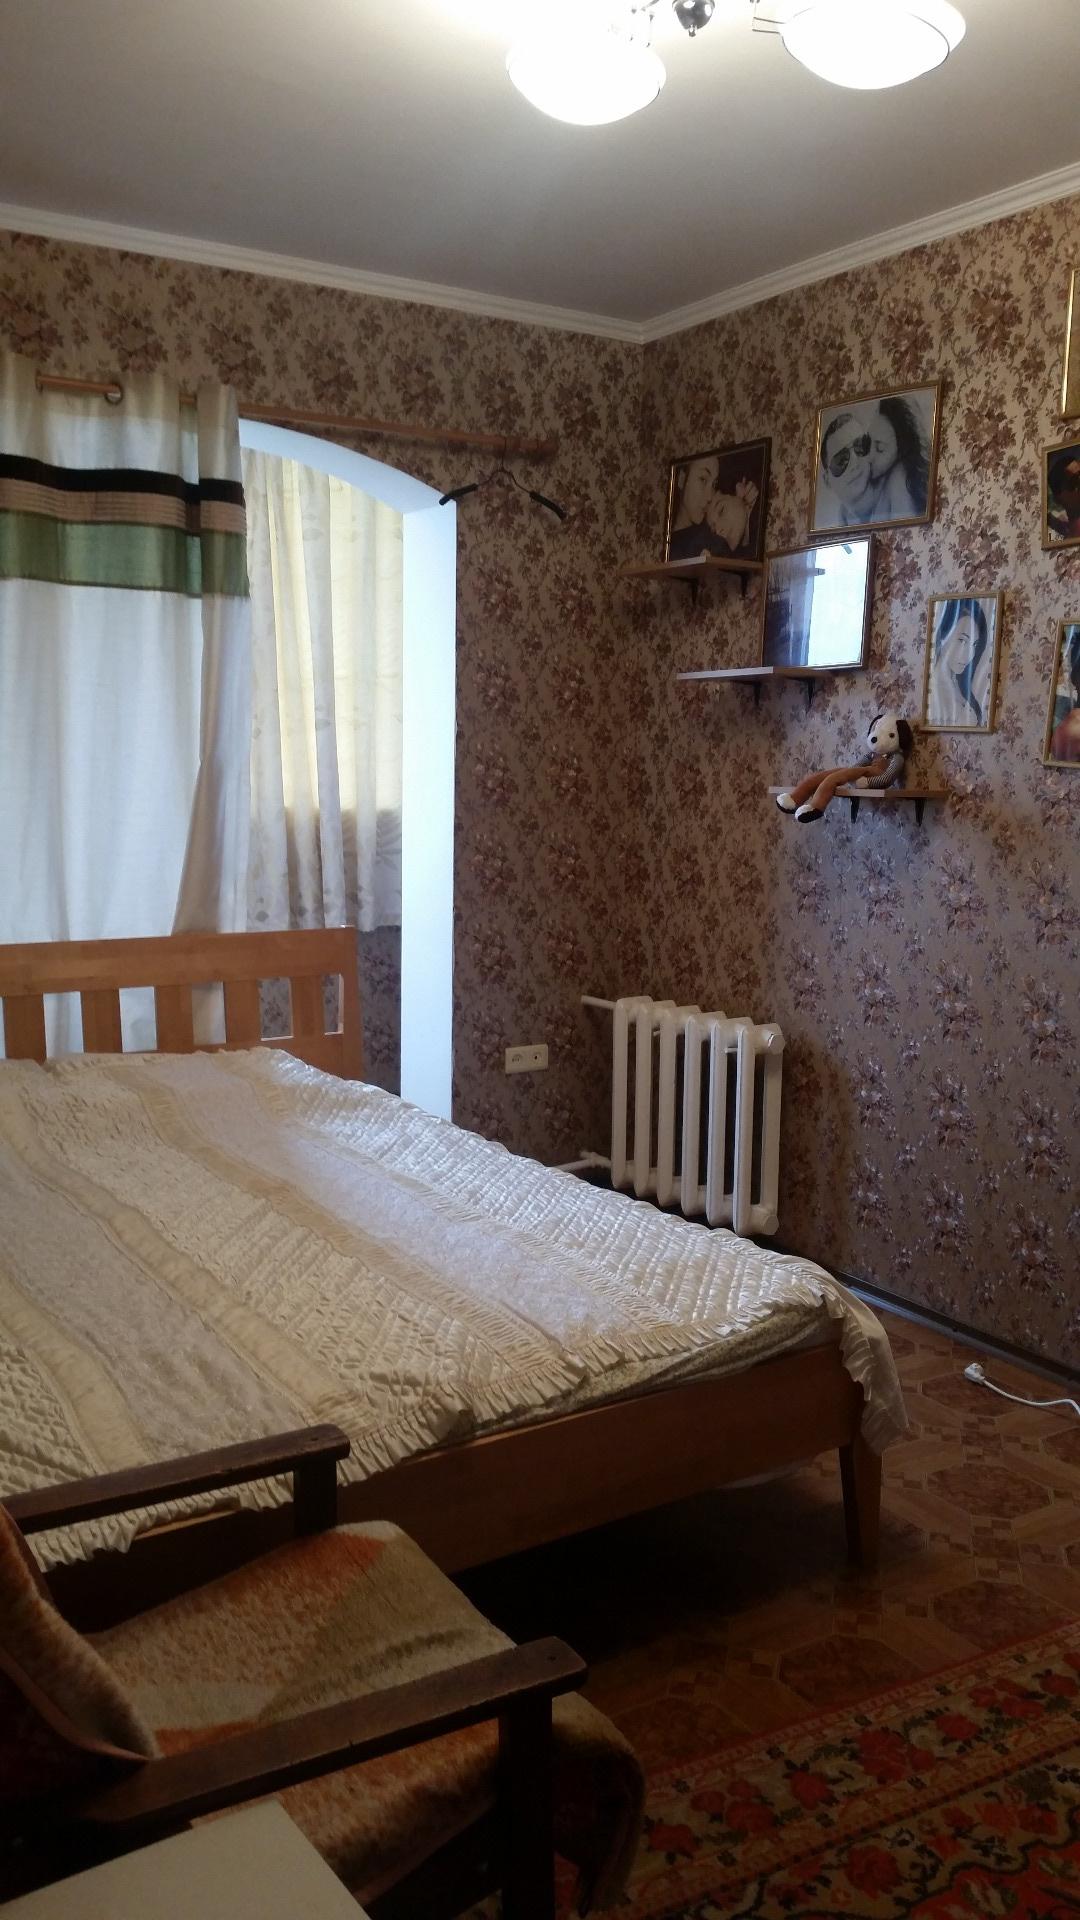 Продается 4-комнатная Квартира на ул. Королева Ак. — 65 000 у.е. (фото №13)